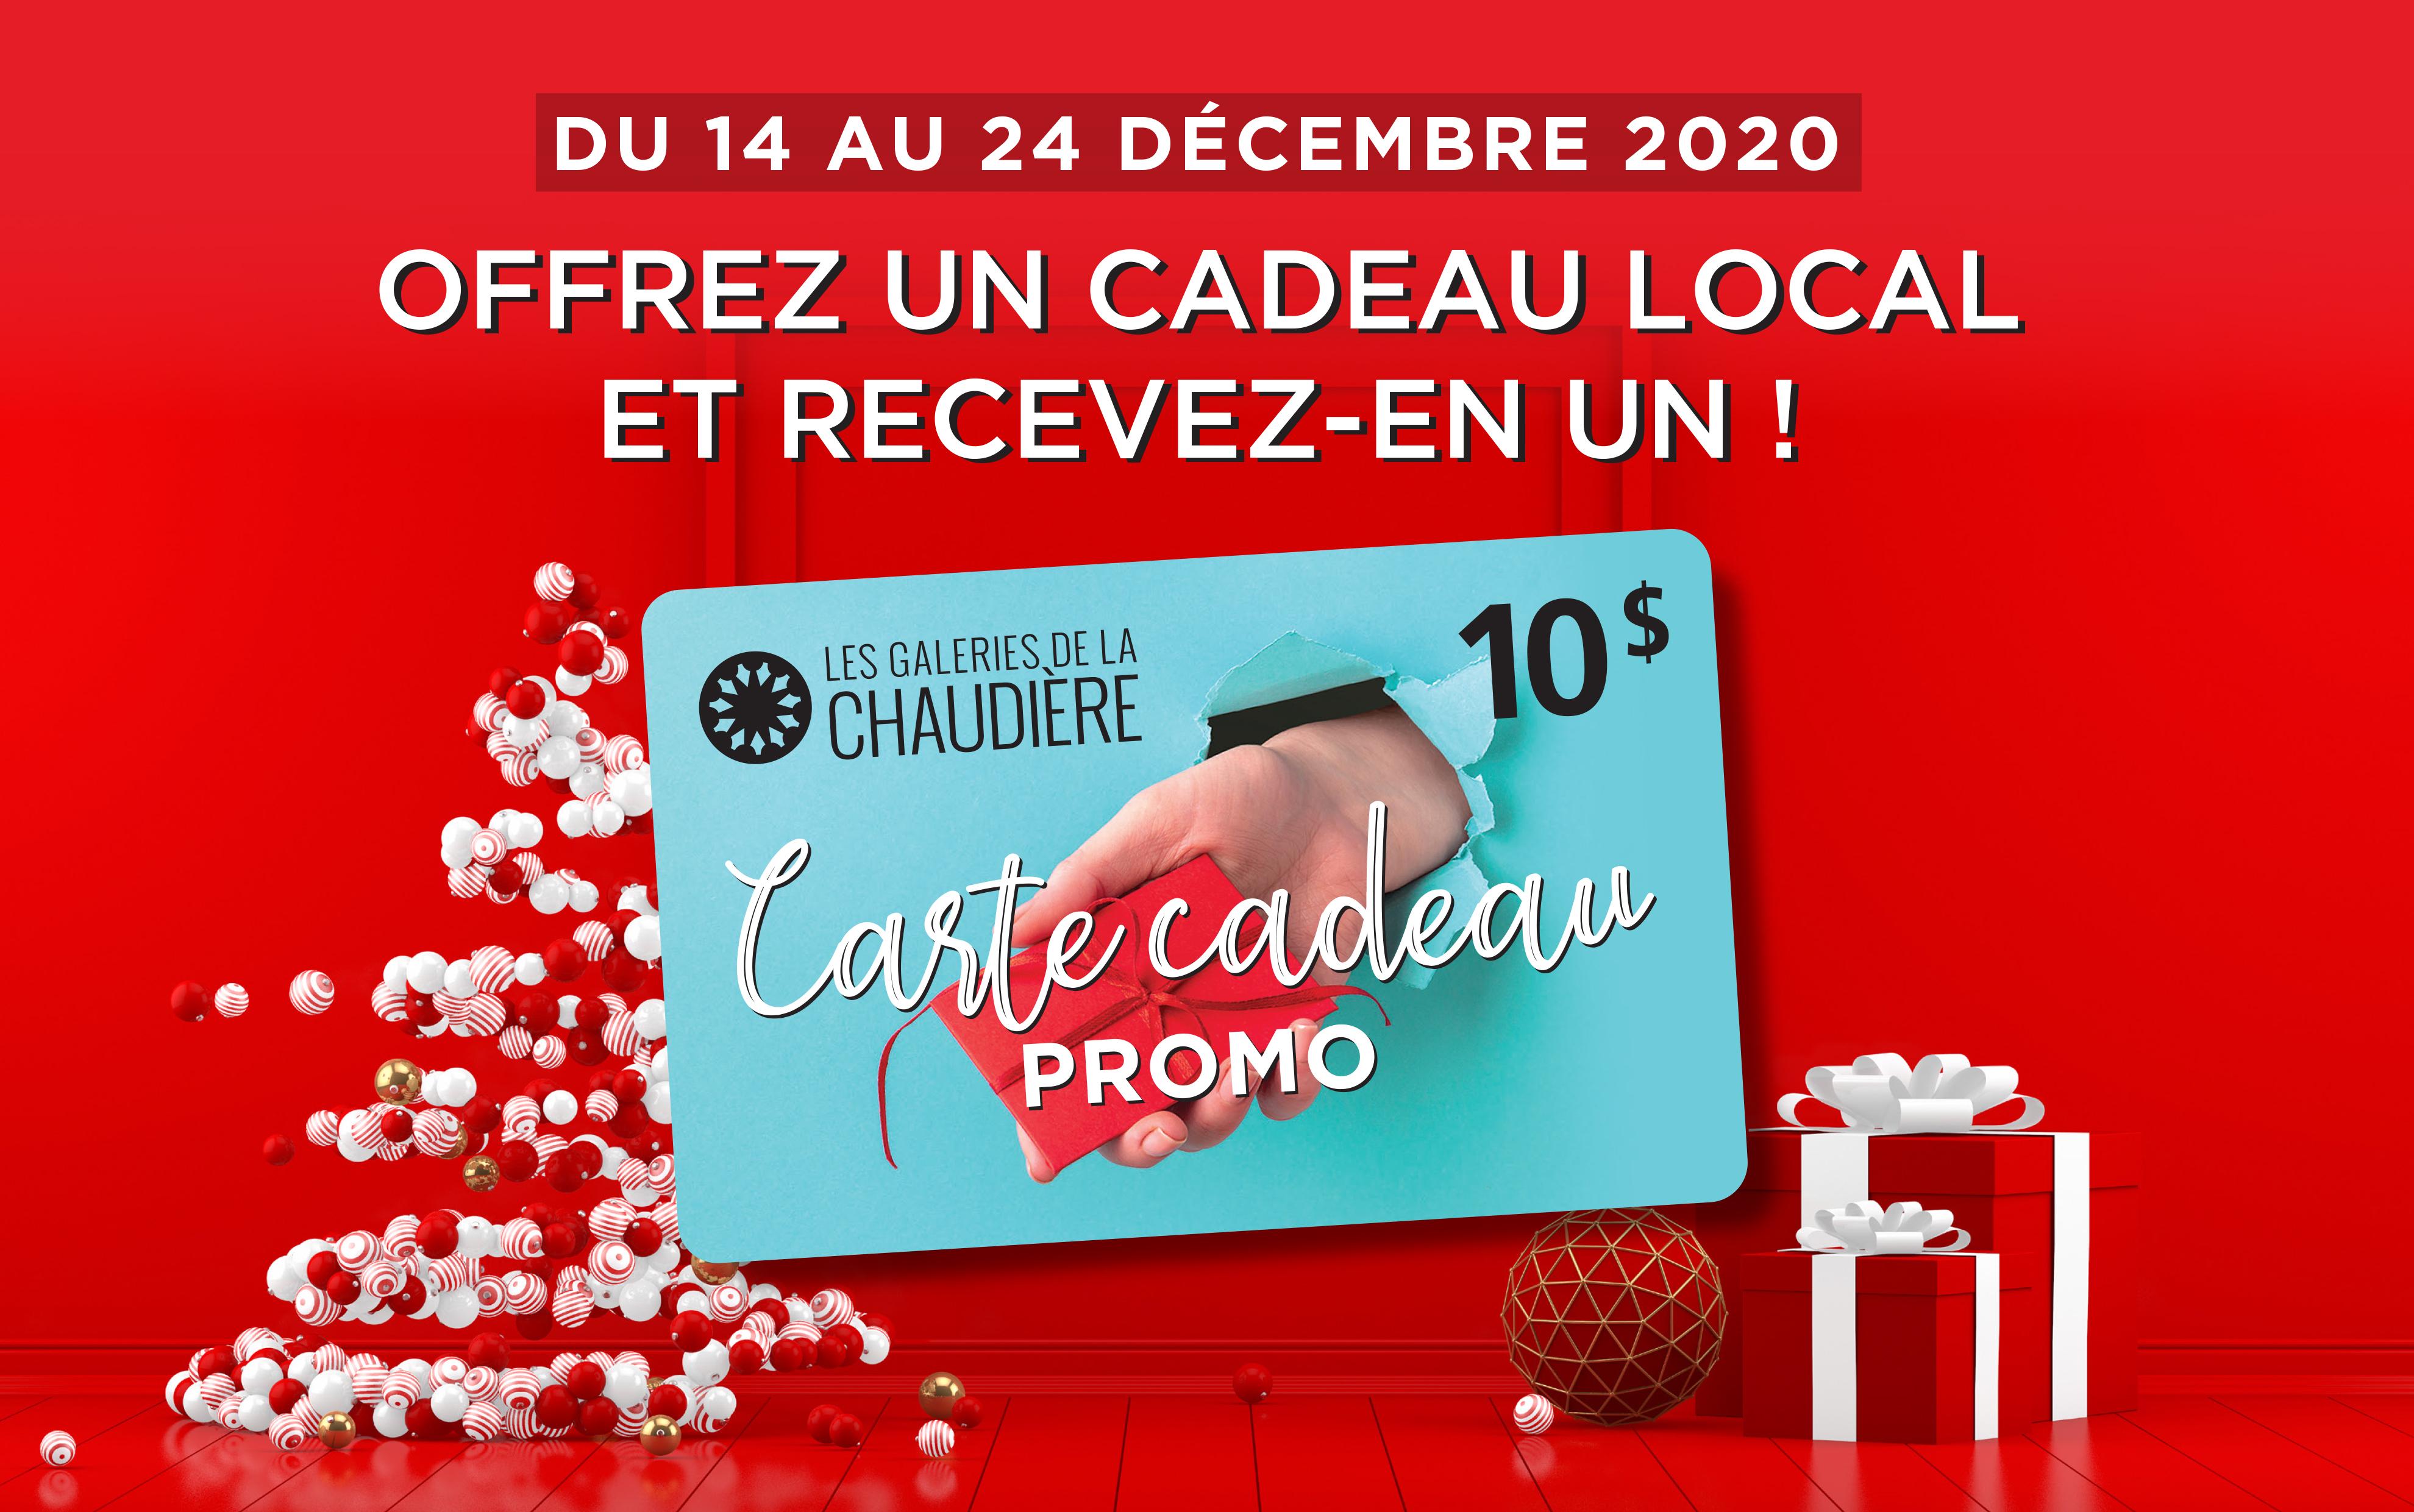 GaleriesChaudiere_PromoCarteCadeau_web